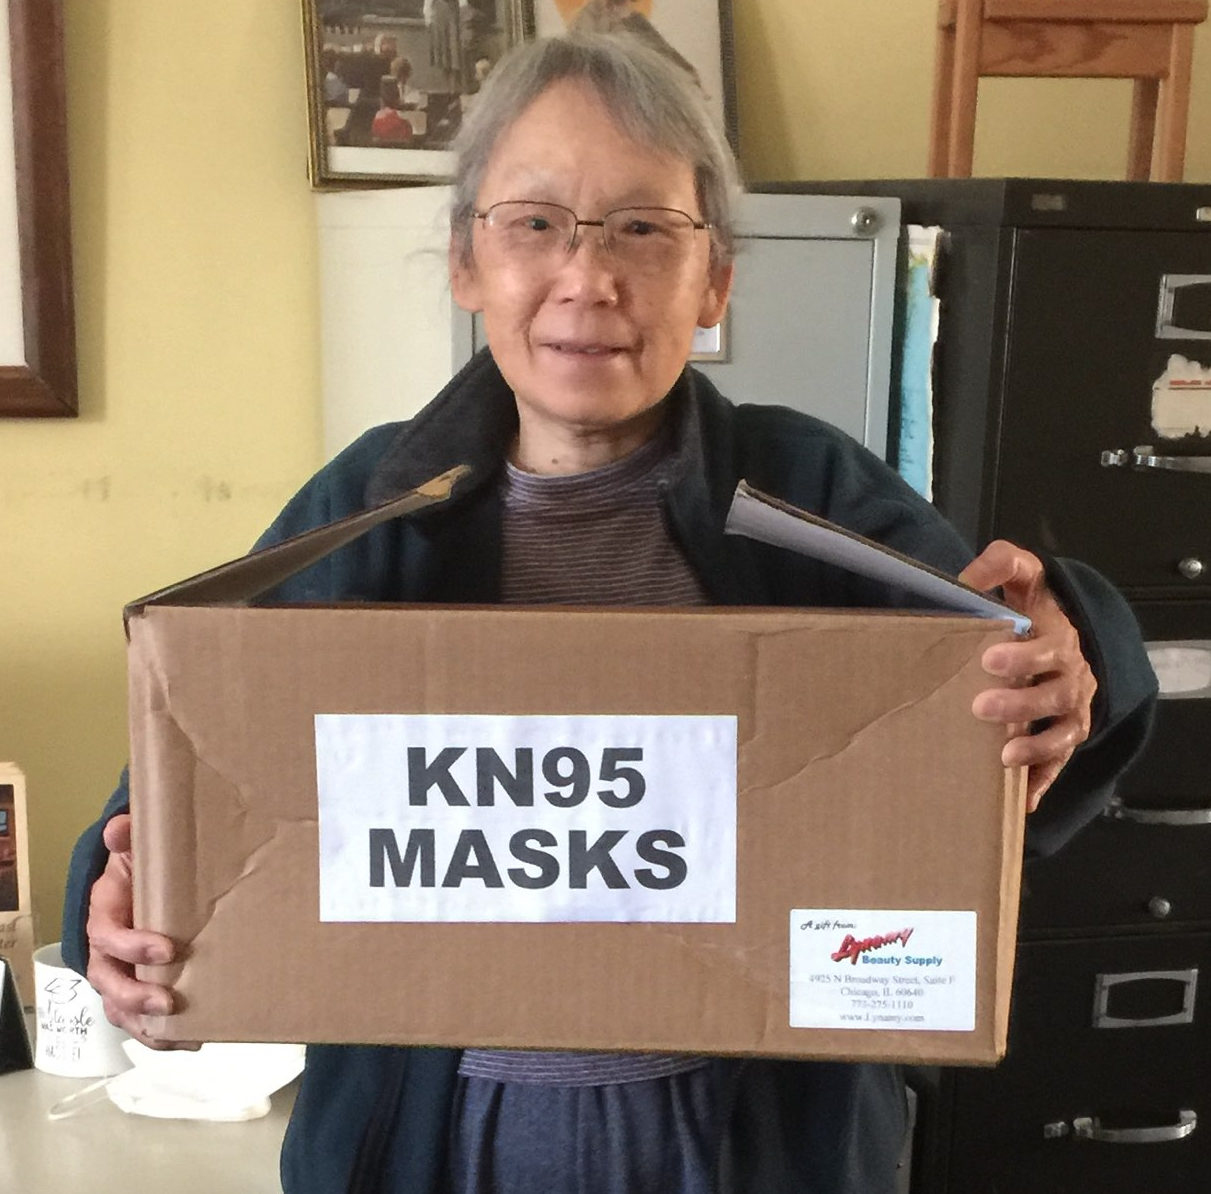 San O hold box of masks donated ny LynAmy Beauty Supply